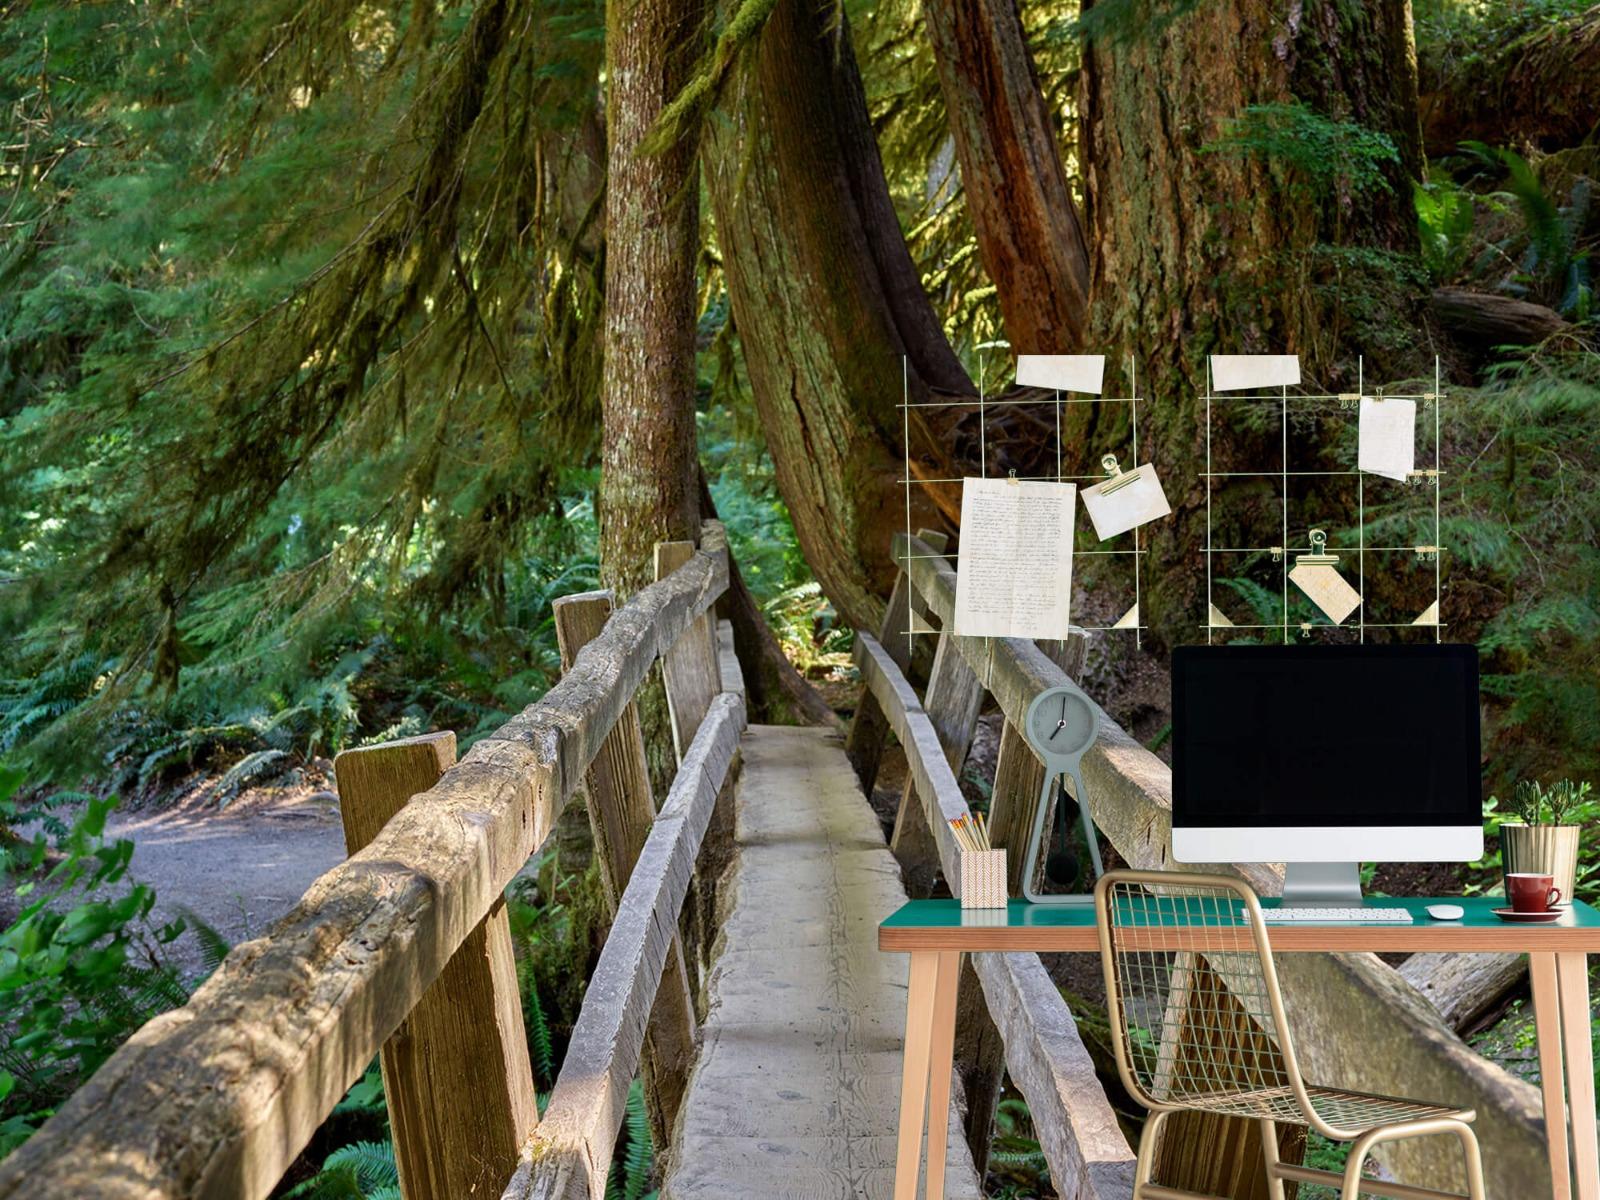 Landschap - Houten brug door het bos - Wallexclusive - Woonkamer 8